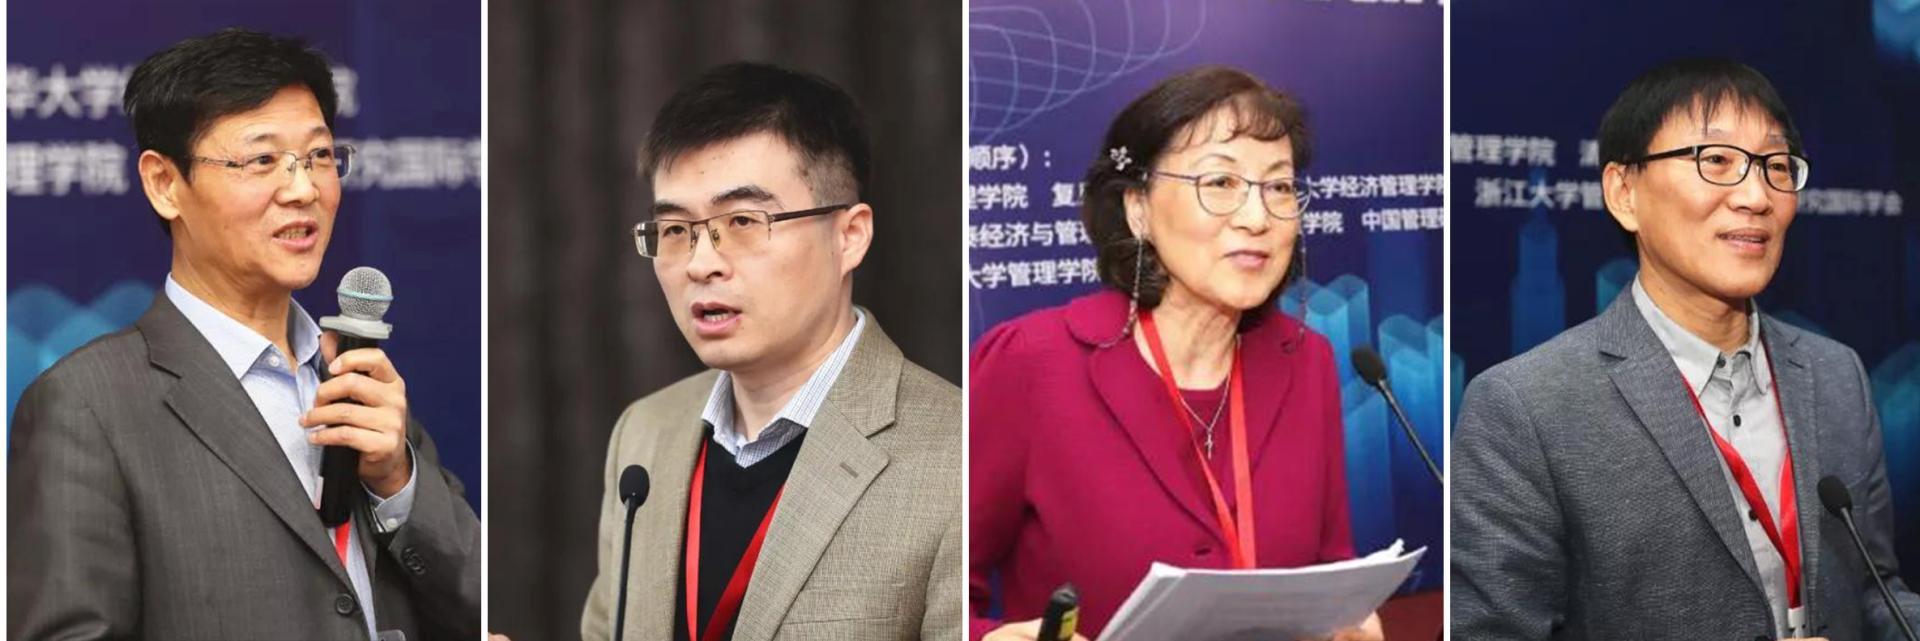 C9+商学院携手发表声明:把论文写在中国大地上!内附全文-第2张图片-C9联盟